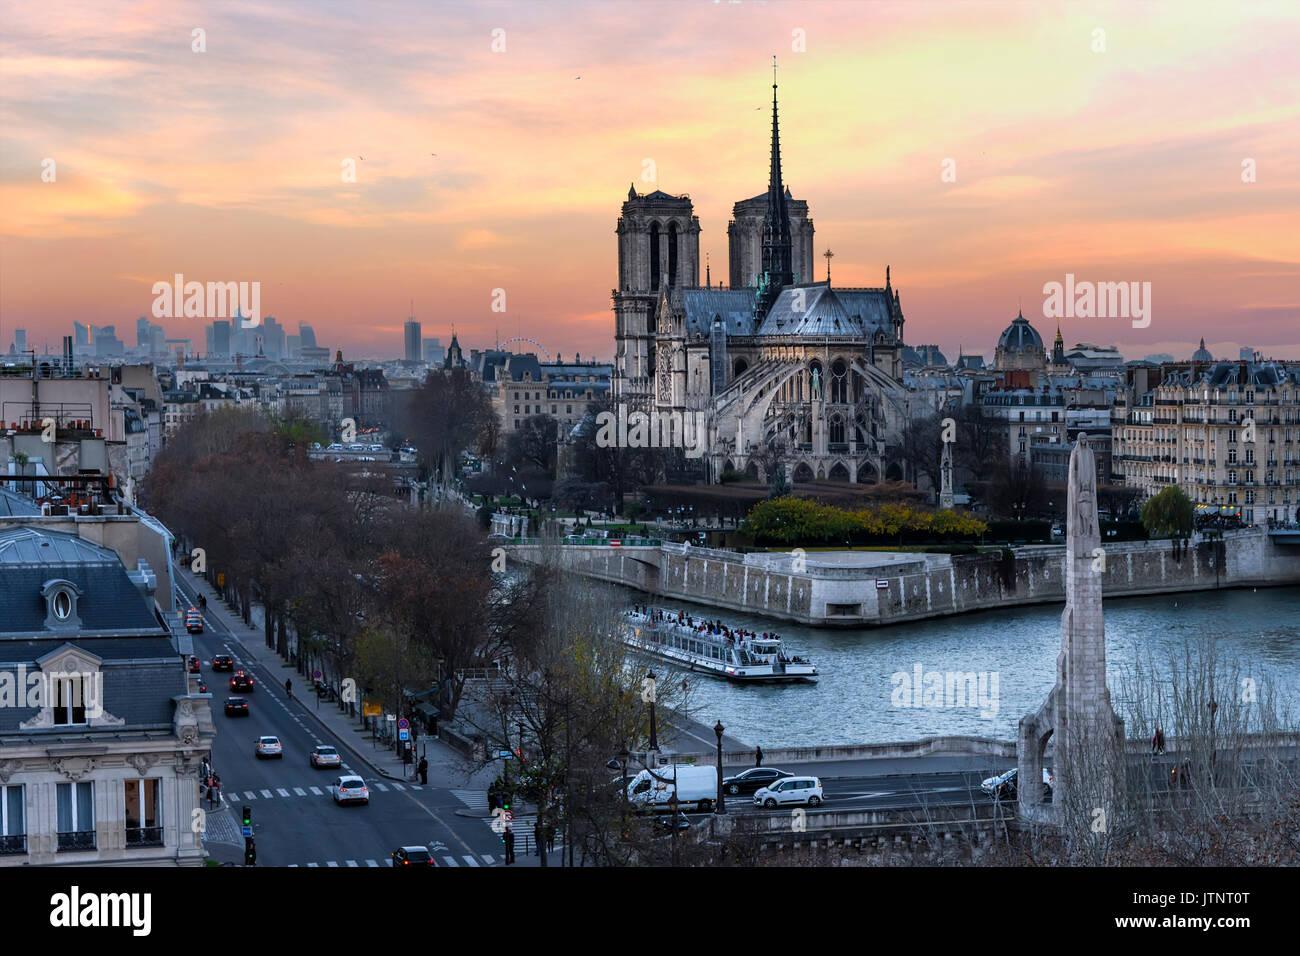 Notre Dame de Paris cathedral, Paris, France - Stock Image